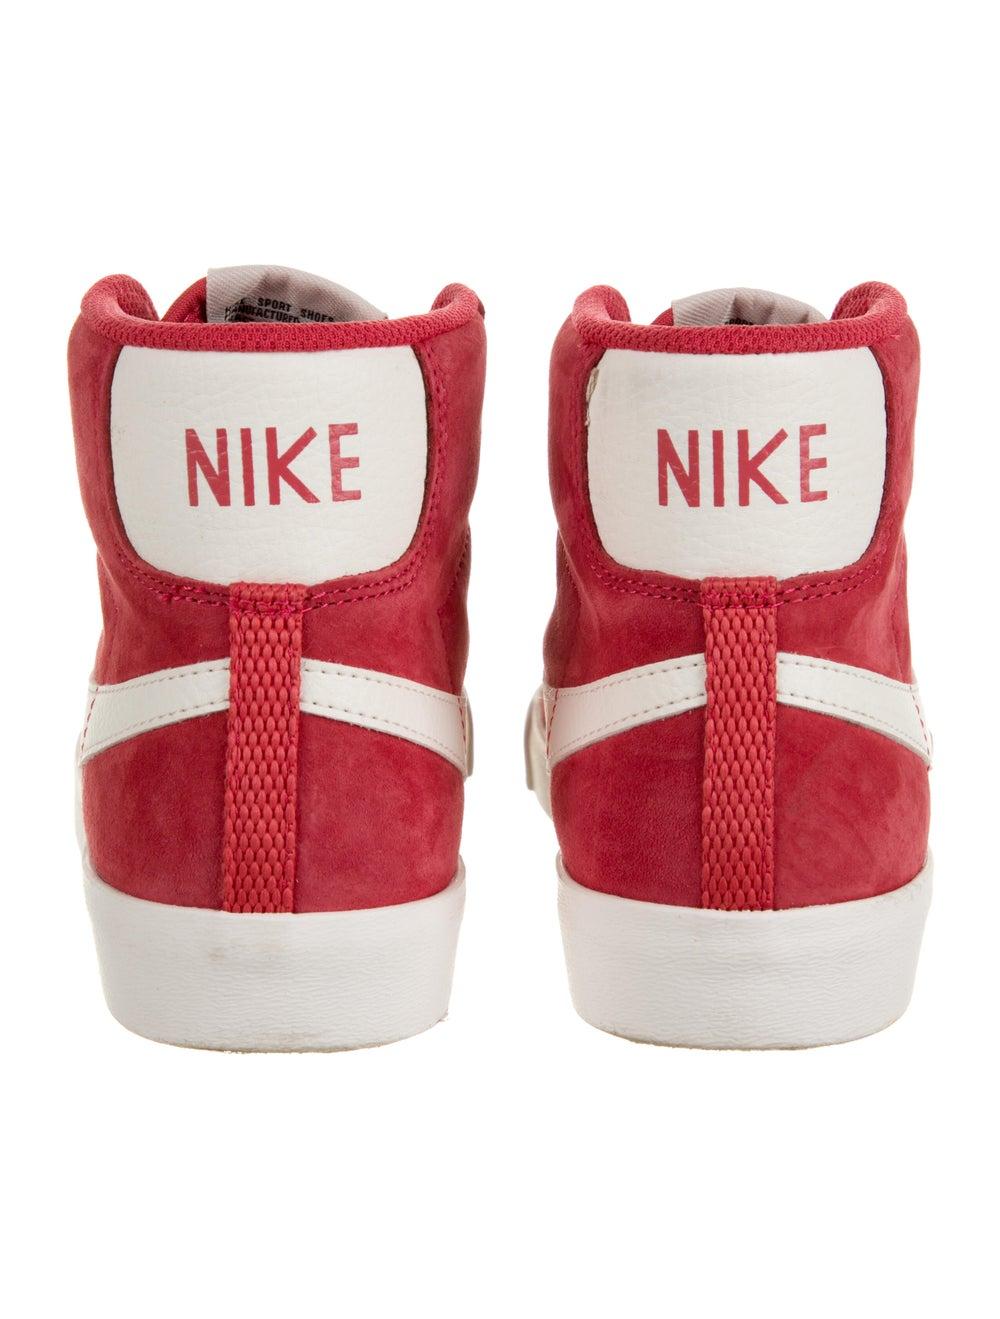 Nike Blazer Vintage Sneakers Pink - image 4